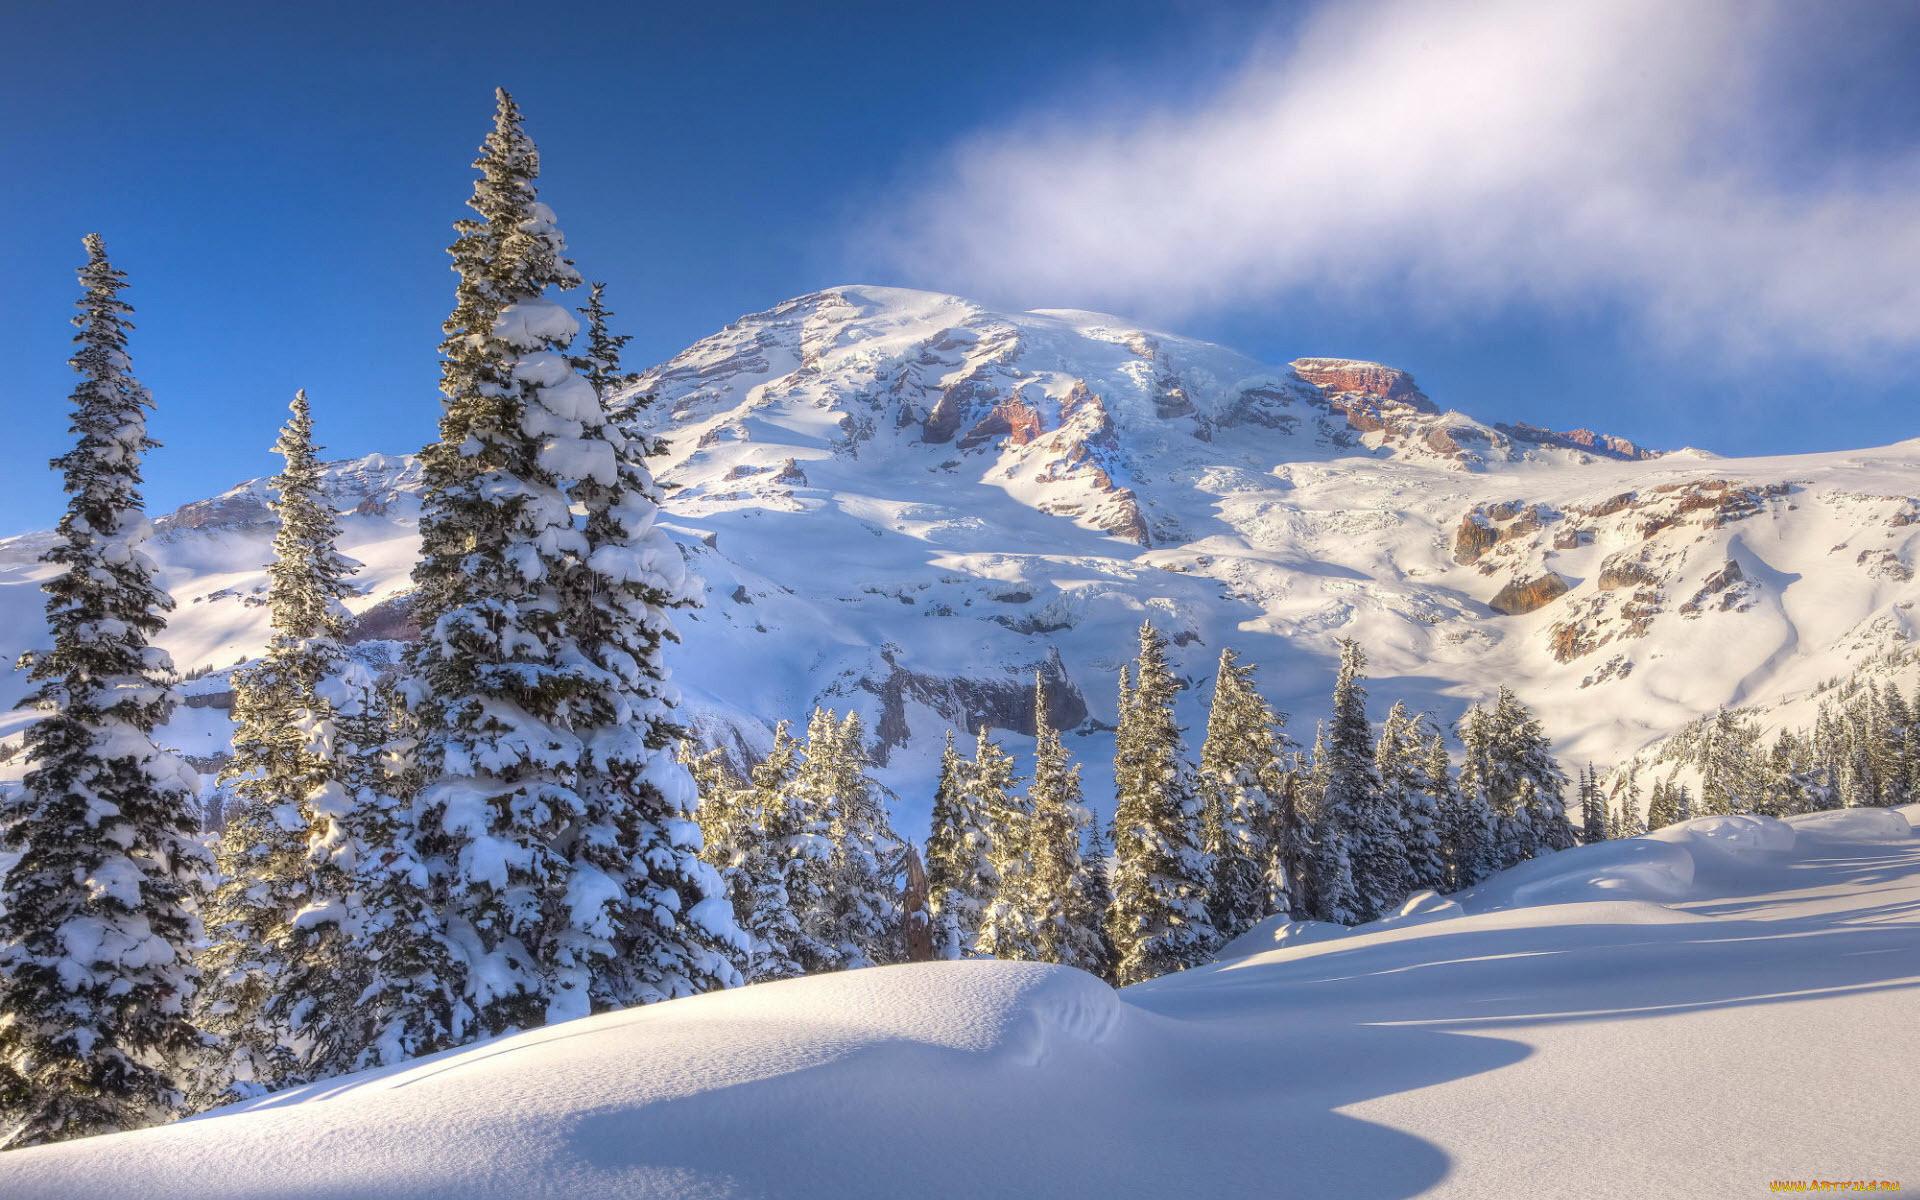 картинки зима снег на рабочий стол дальнейшем херсонес